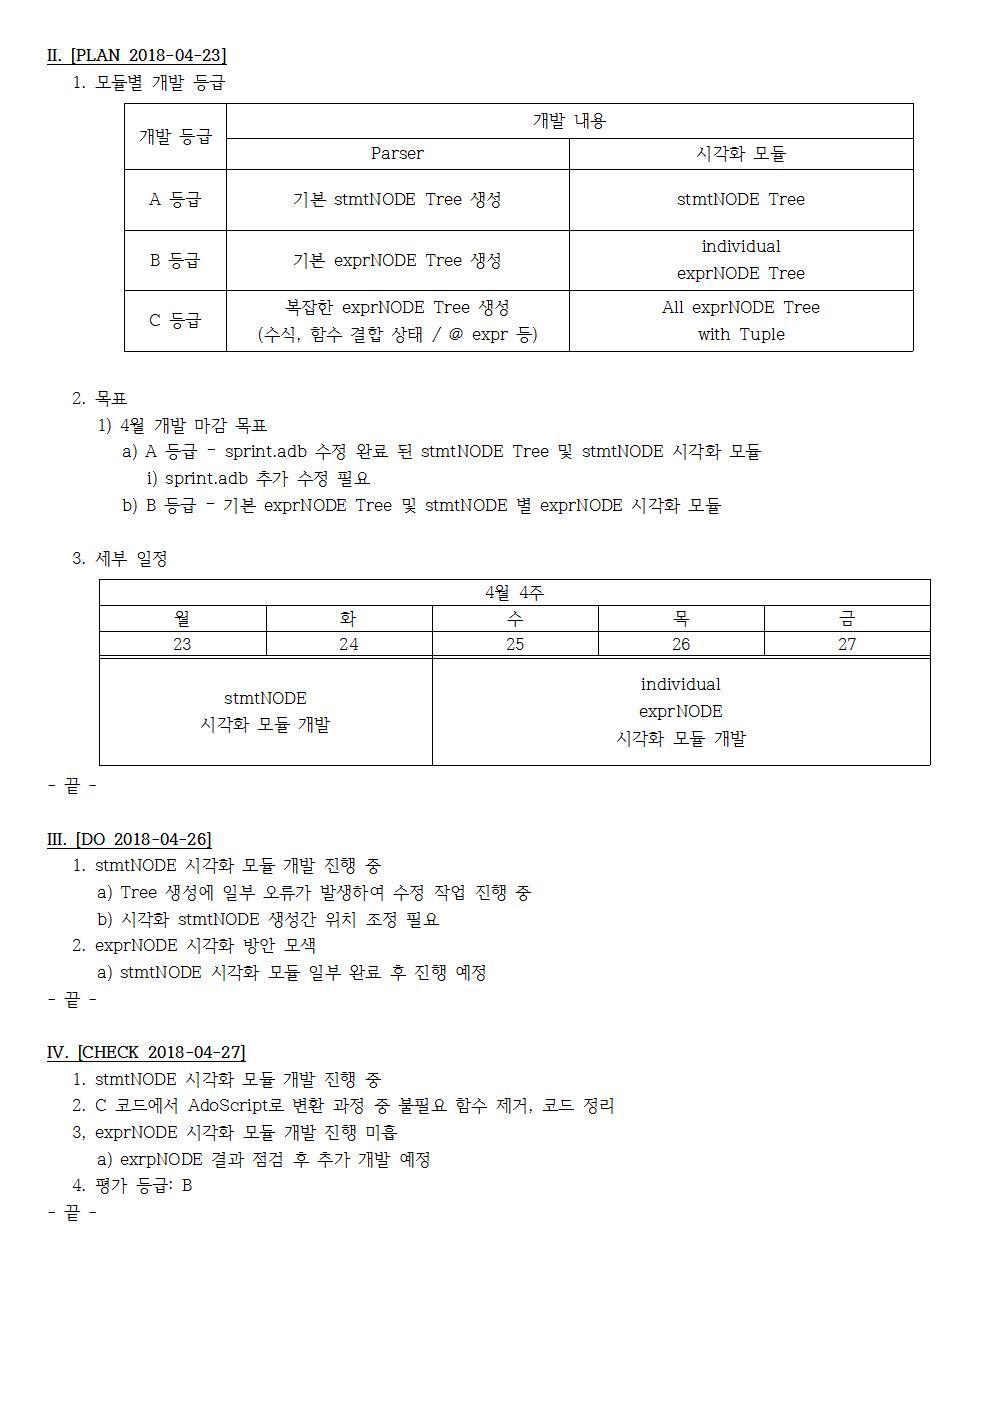 D-[18-003-RD-03]-[SRRE]-[2018-04-27][JS]002.jpg